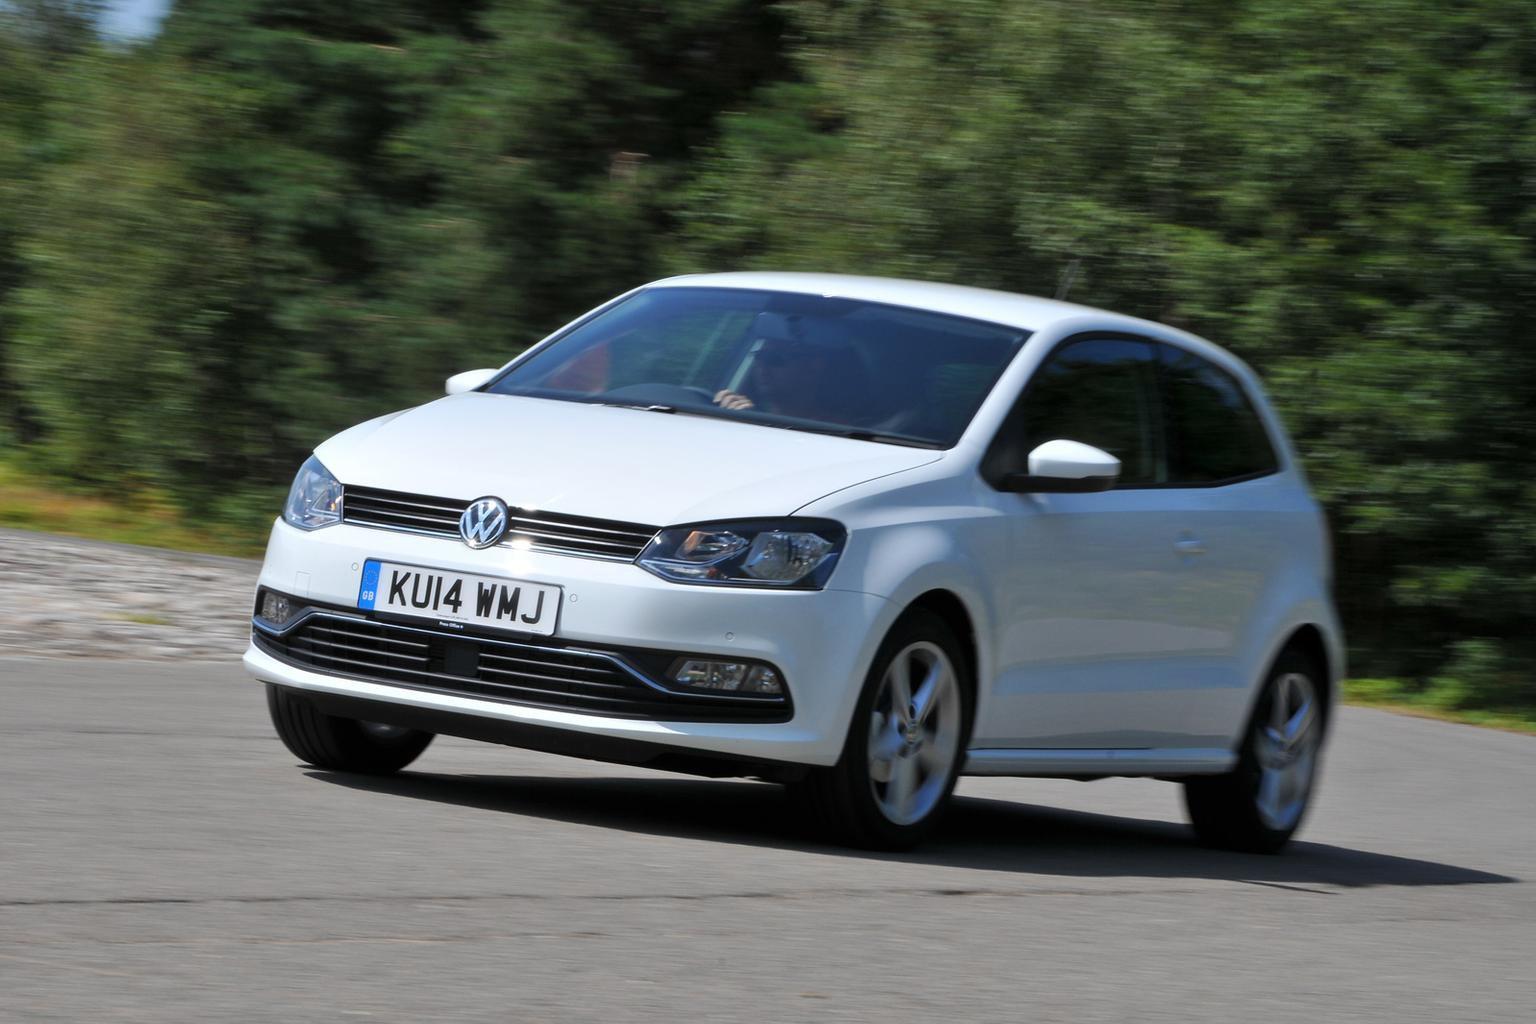 Big savings on diesels in this week's deals